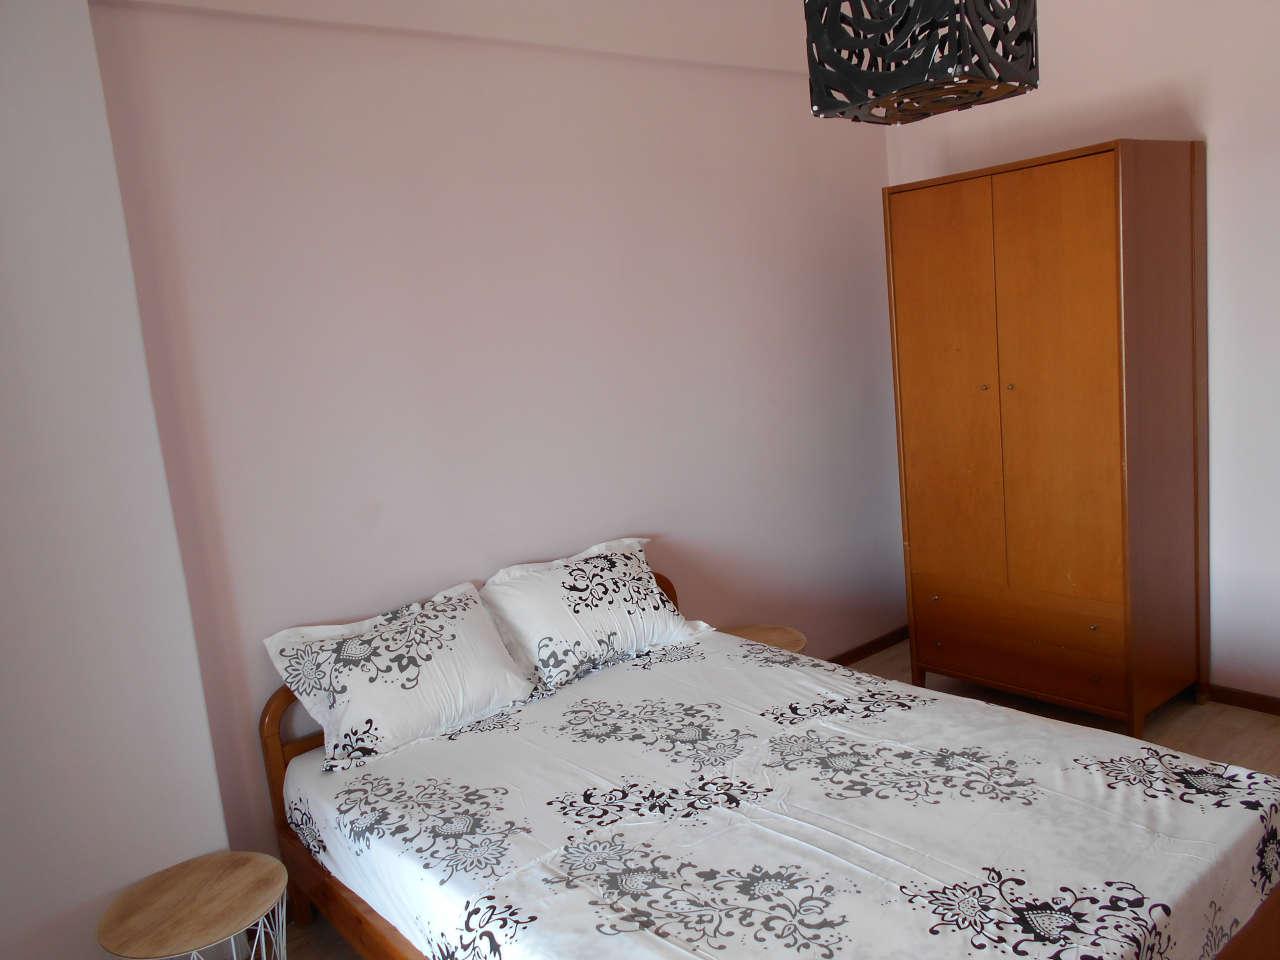 Διαθέρισμα AirBnB δίπλα στο κέντρο της Θεσσαλονίκης - Υπνοδωμάτιο